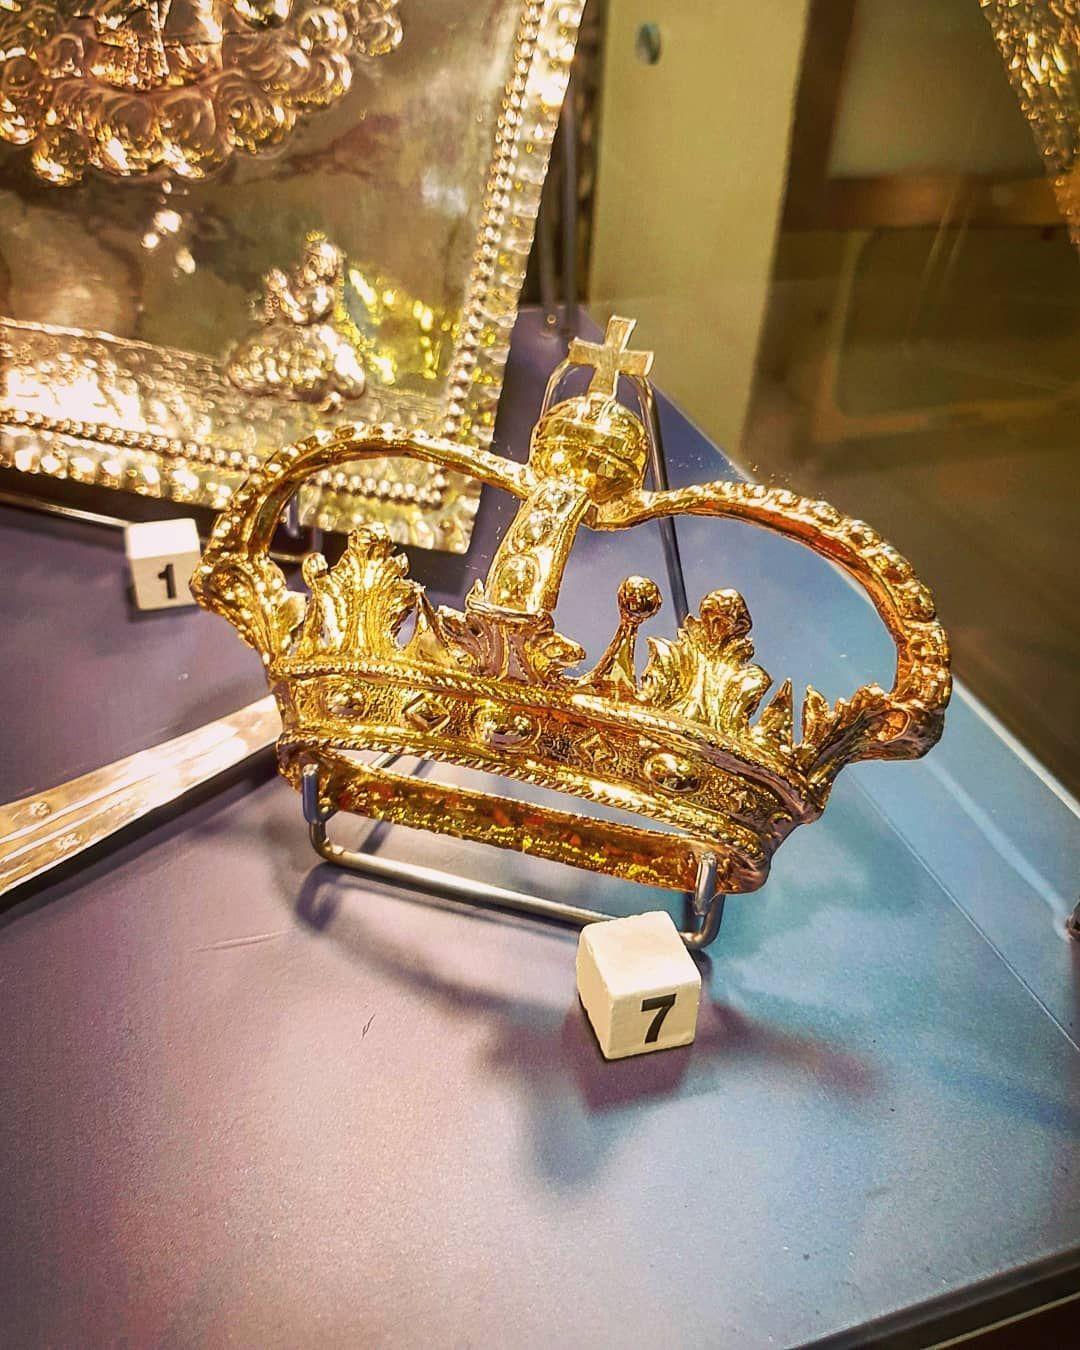 #polska #poland #polonia #gdańsk #danzig #gdansk #ratuszgłównegomiasta #muzeum #museum #museo #ratusz #cityhall #ayuntamiento #ekspozycja #jewellery #biżuteria #jewelry #klejnoty #jewels #kufel #architecture #wnętrze #bogactwo #lato #summer #verano #wakacje2019 #zwiedzanie #historyknawakacjach